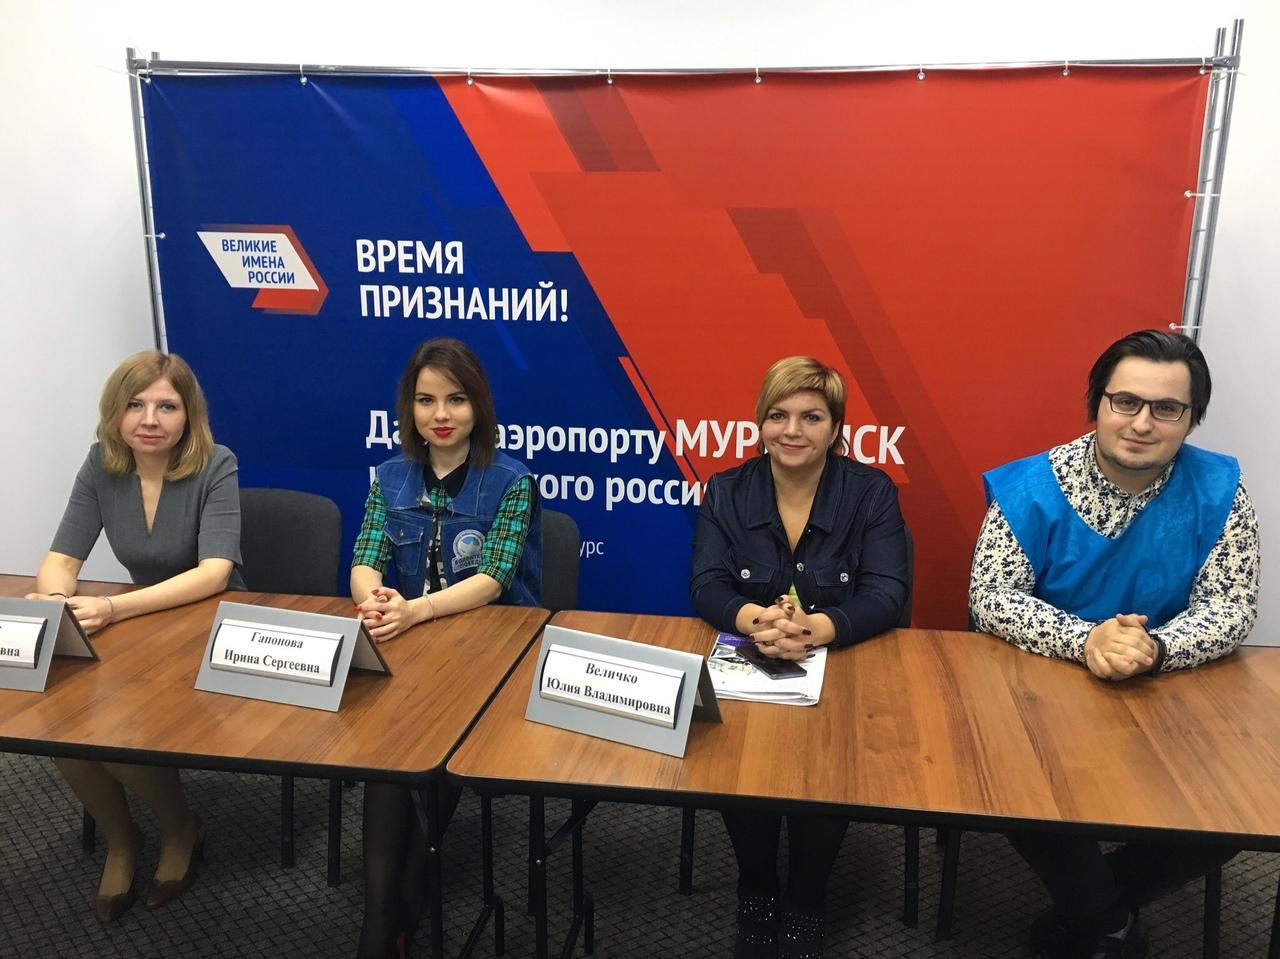 20181113_11-54-Пресс-конференция по проекту «Великие имена России»